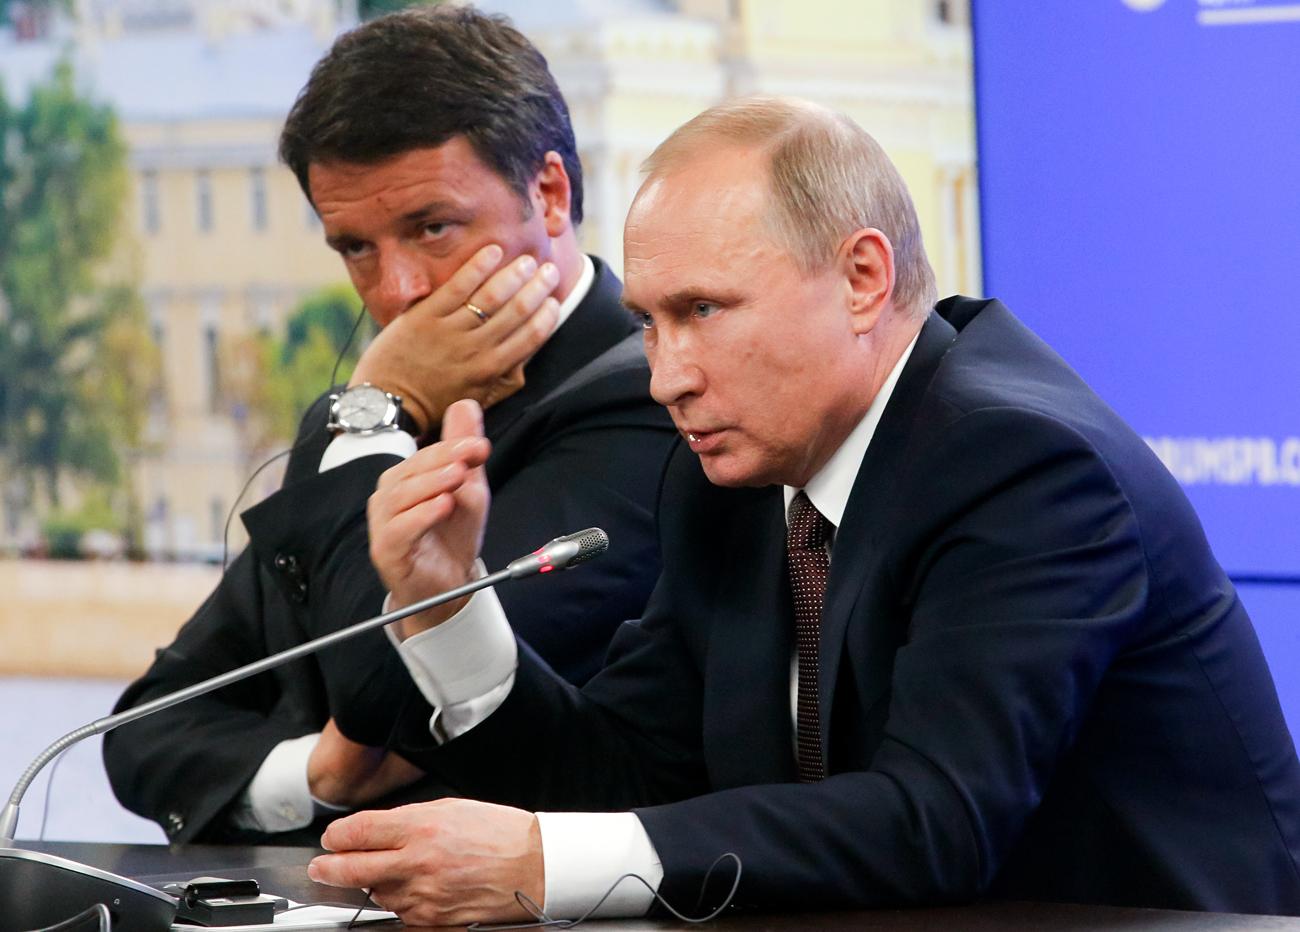 Il Presidente russo Vladimir Putin e il premier dimissionario Matteo Renzi al Forum economico di San Pietroburgo.